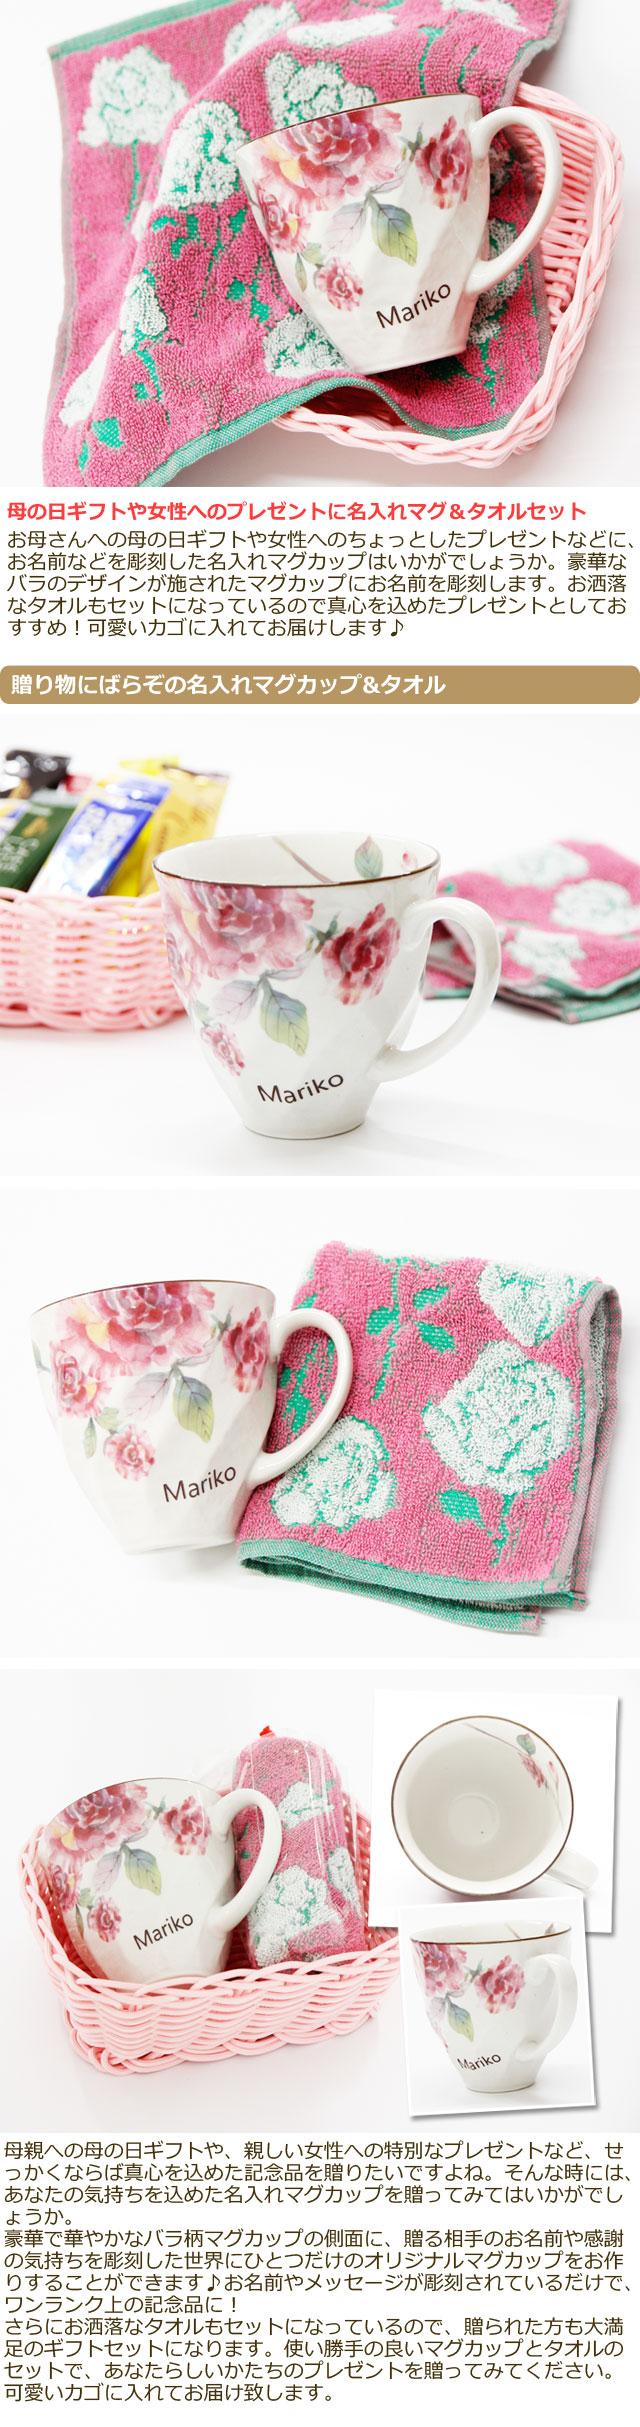 お母さんへの母の日ギフトや女性へのちょっとしたプレゼントなどに名入れマグカップ&タオル